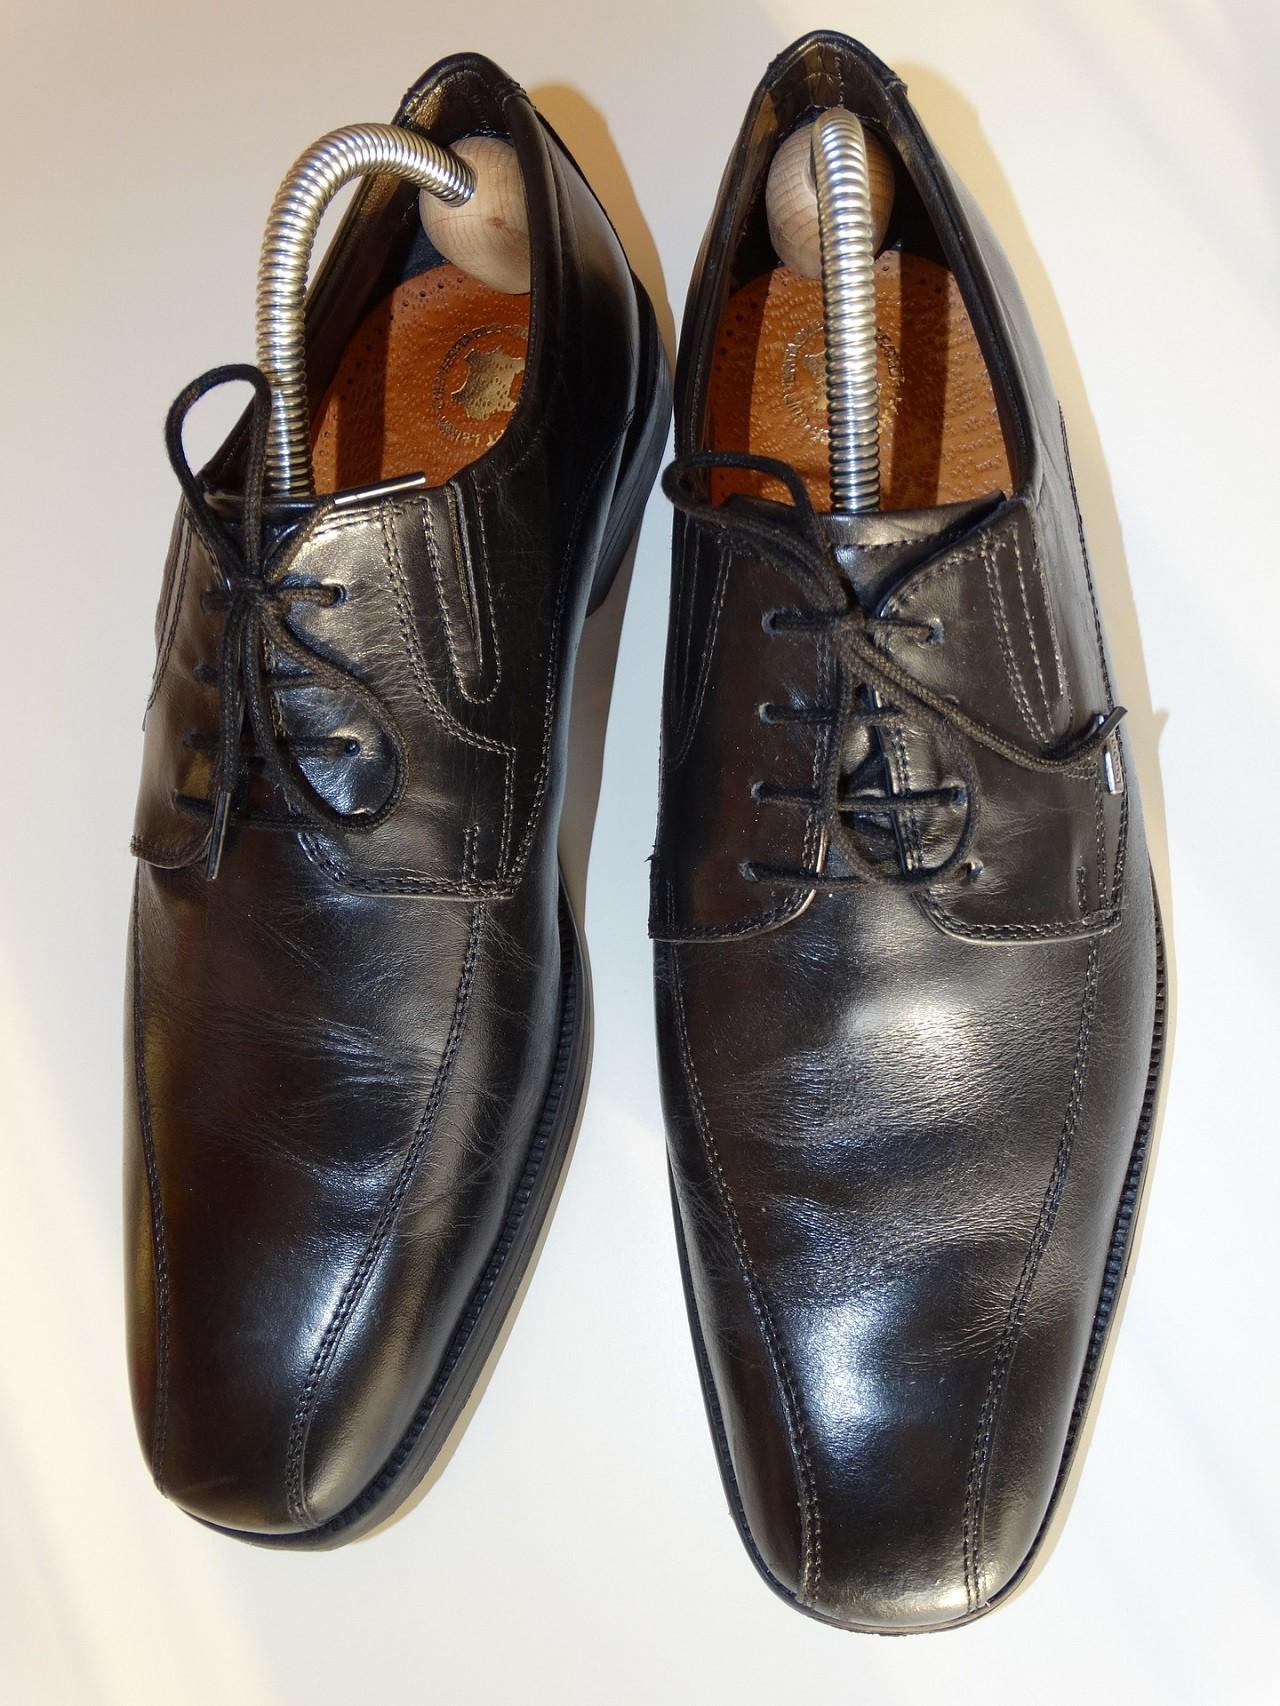 Schuhspanner werden einfach in die Schuhe gesteckt. Die meisten Schuhspanner haben einen flexiblen Spannarm, der den Spanner nach vorne drückt.